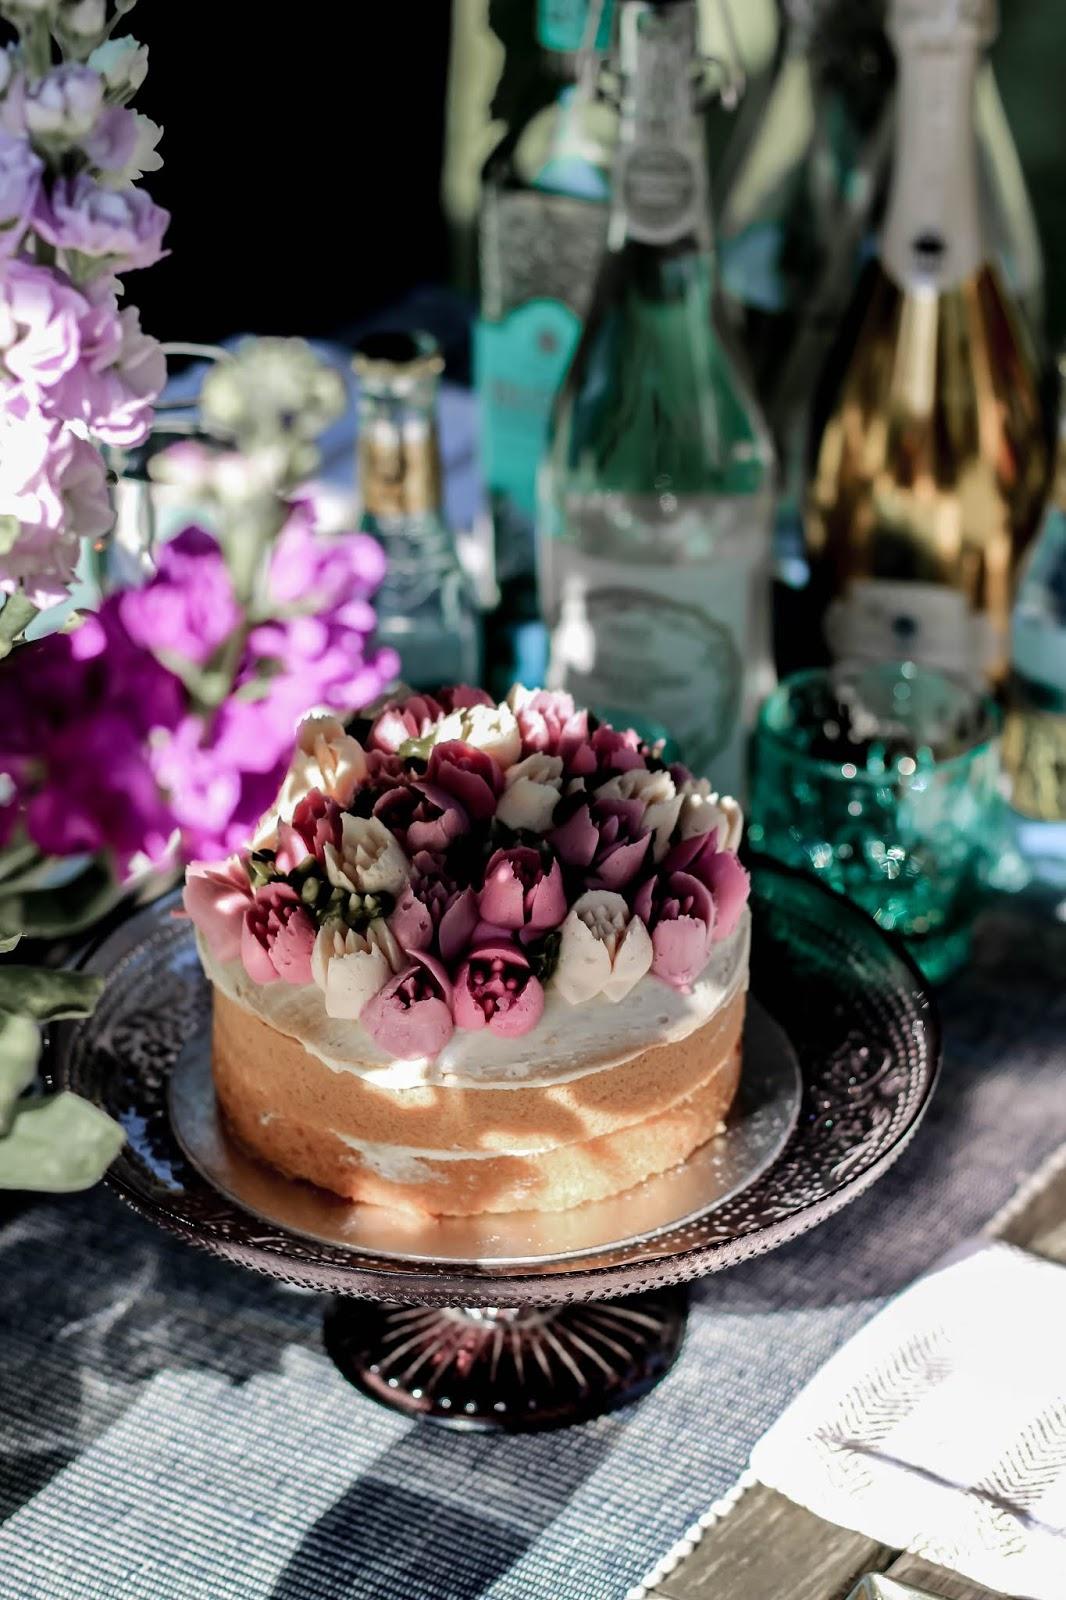 M&S Chelsea Flower Show Festival Cake